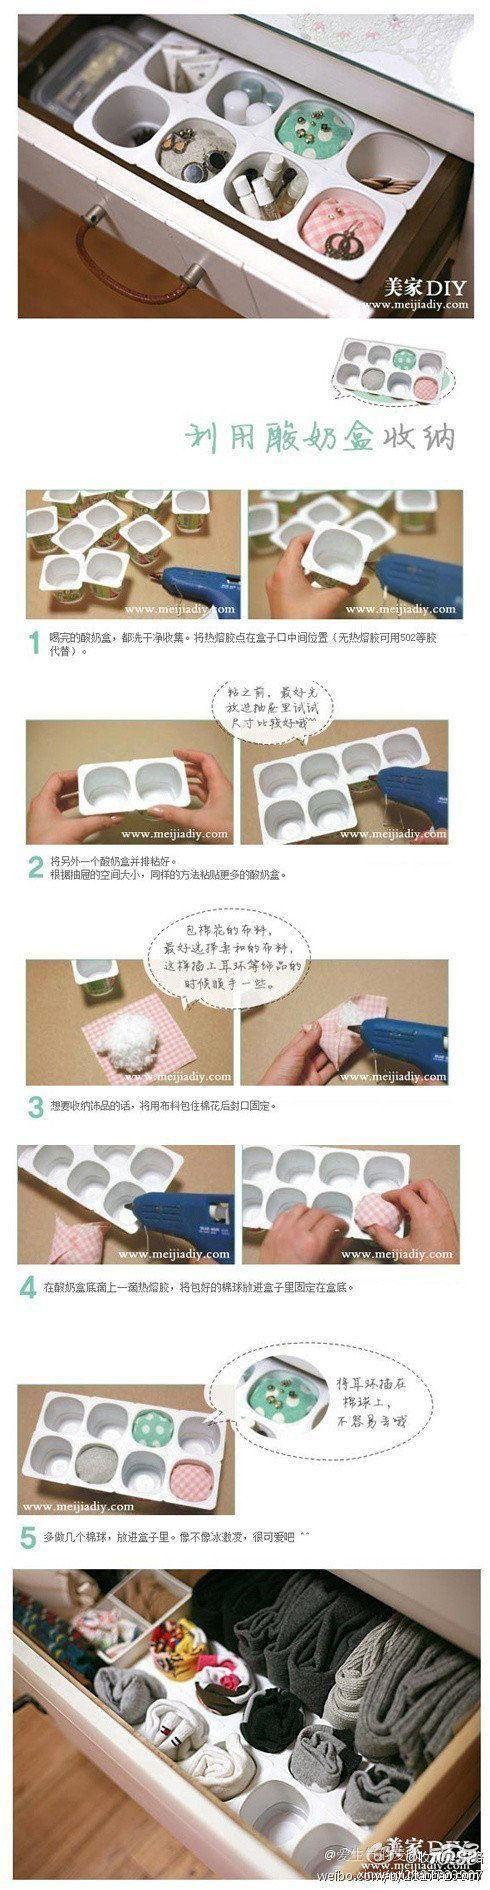 Una manera bien económica y fácil de hacer para tener todos los objetos pequeños bien organizados...